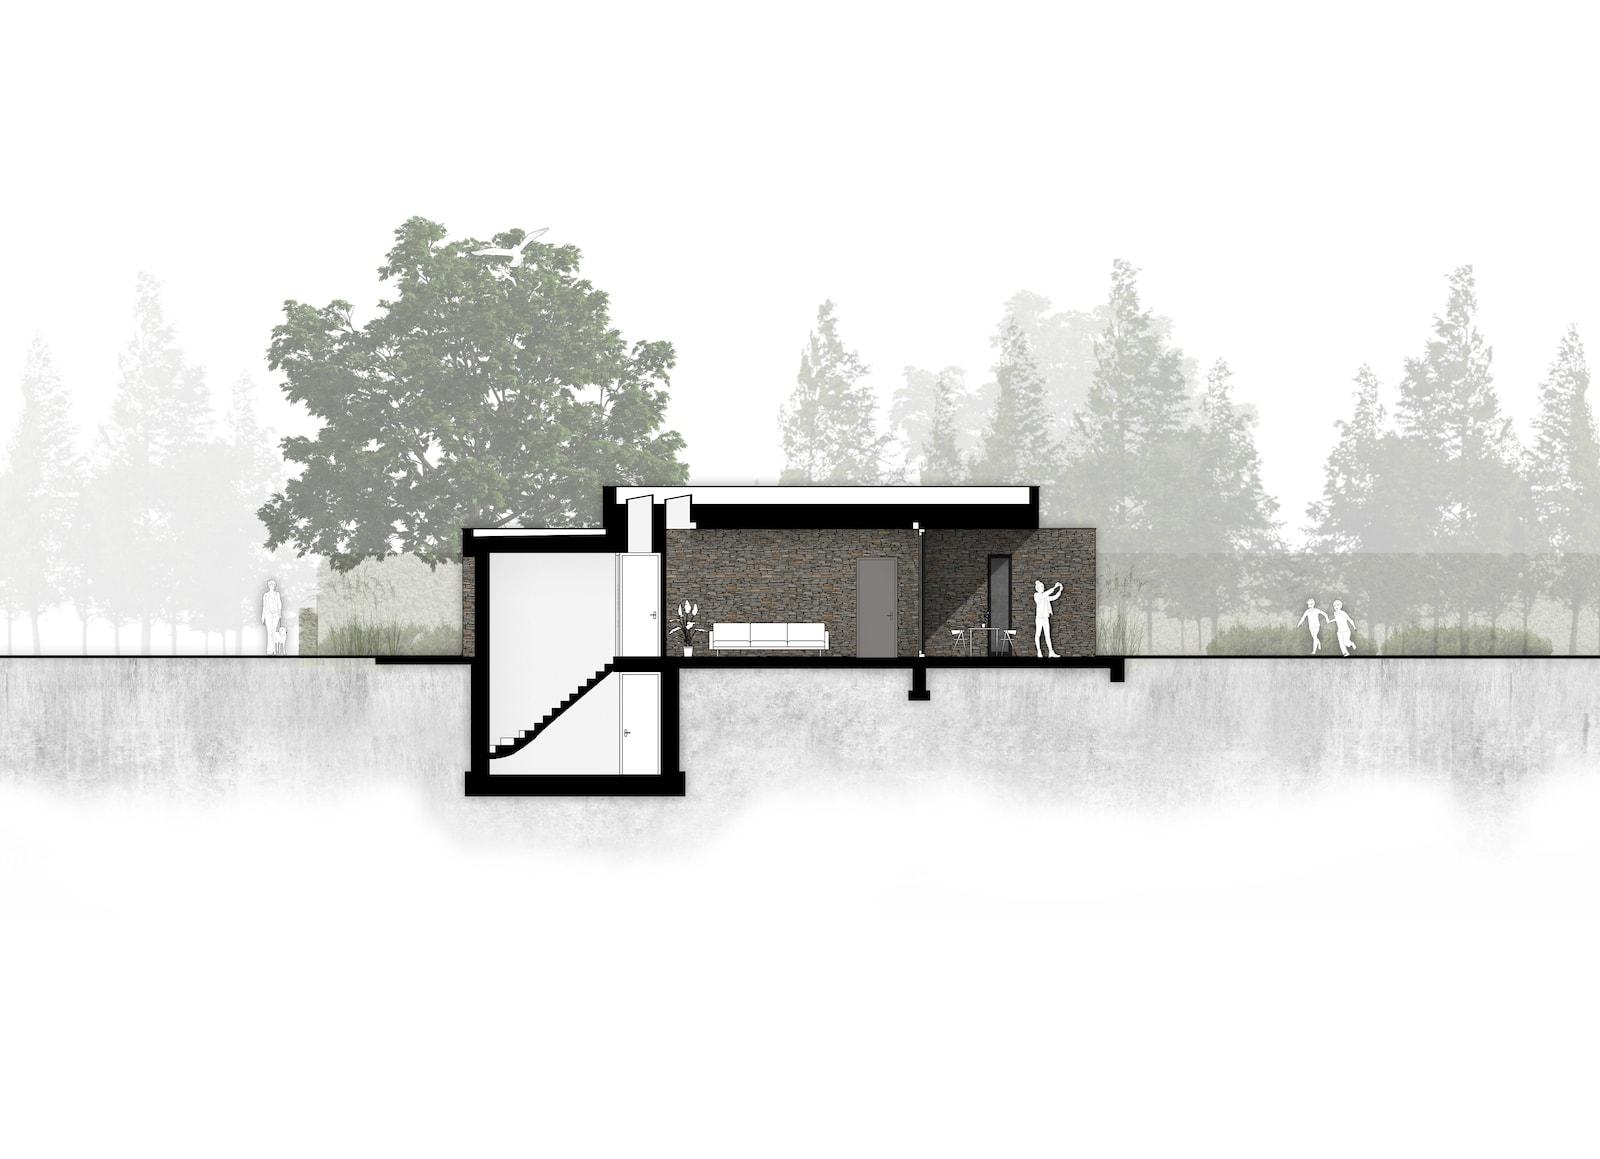 van-os-architecten-breda-nieuwbouw-moderne-bungalow-in-zichtwerk-natuurgevelsteen-en-gevelstucwerk-in-breda-kelder-en-zichtwerk-natuursteen-in-woonkamer